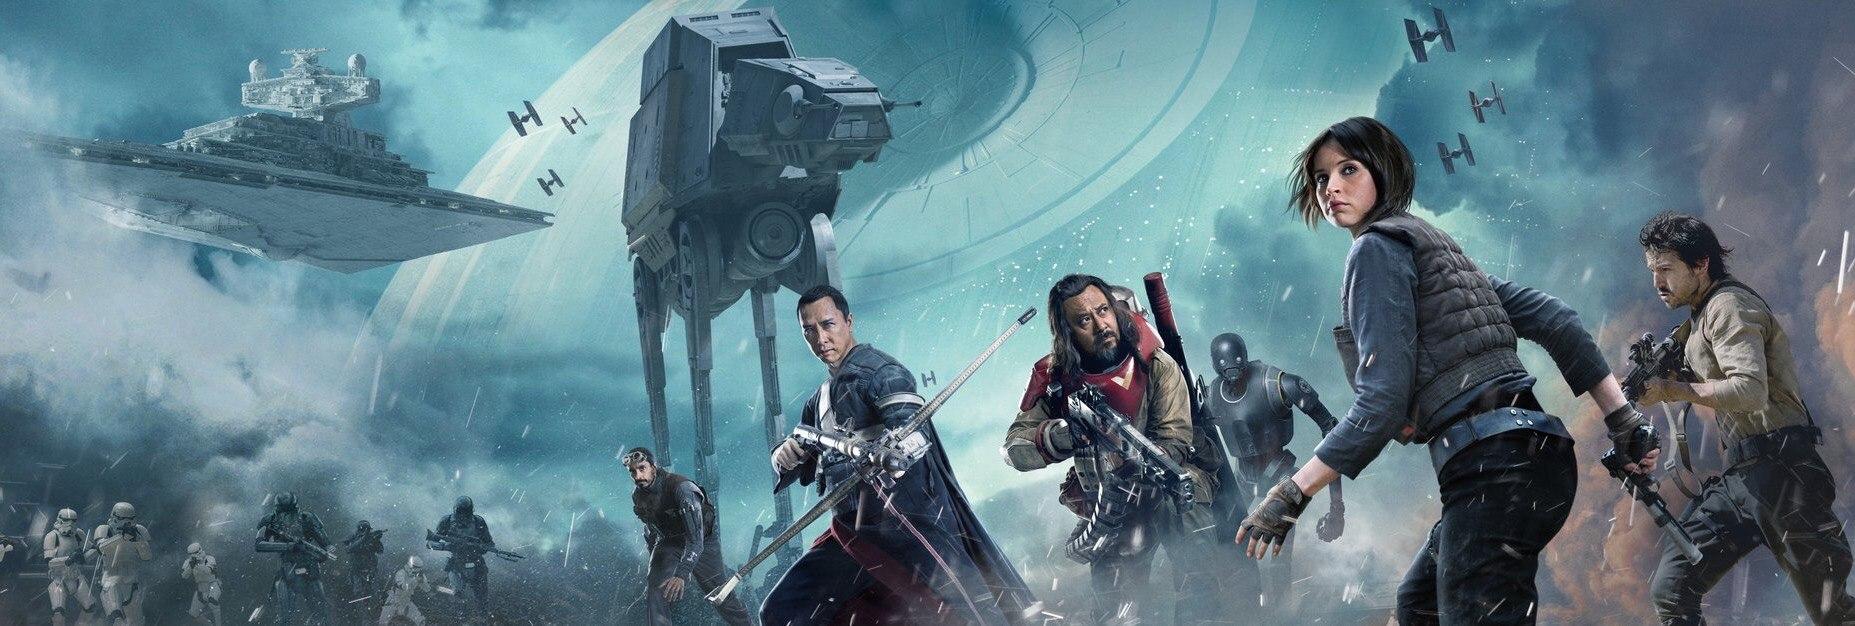 Первые сборы фильма «Звёздные войны: Изгой-один»